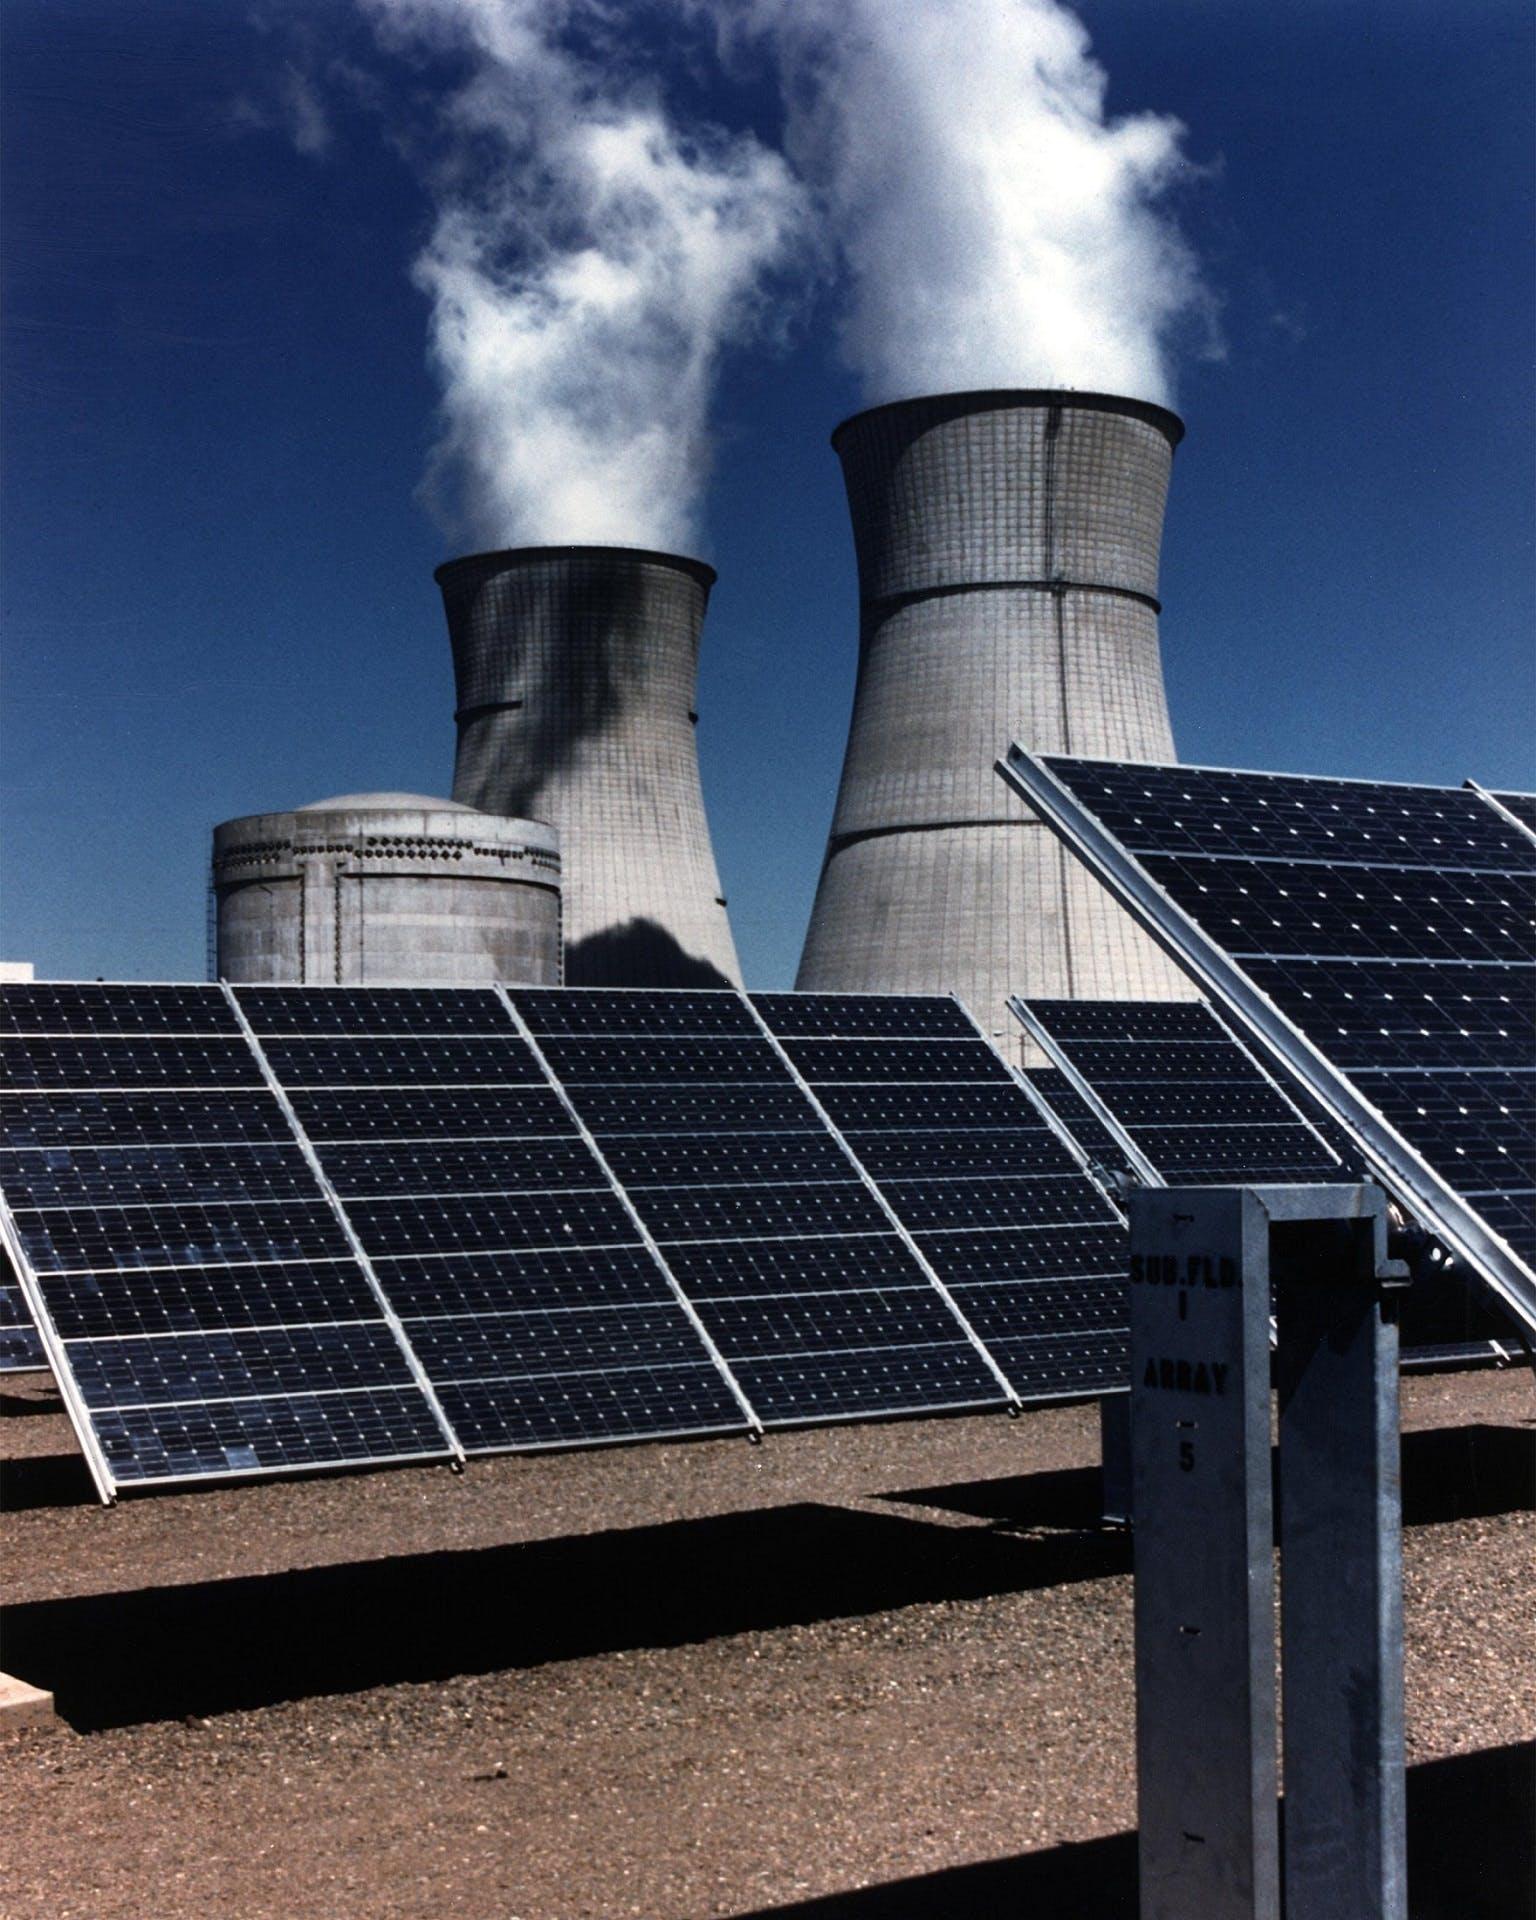 太陽能電池板, 太陽能電池板陣列, 污染, 能源 的 免费素材照片